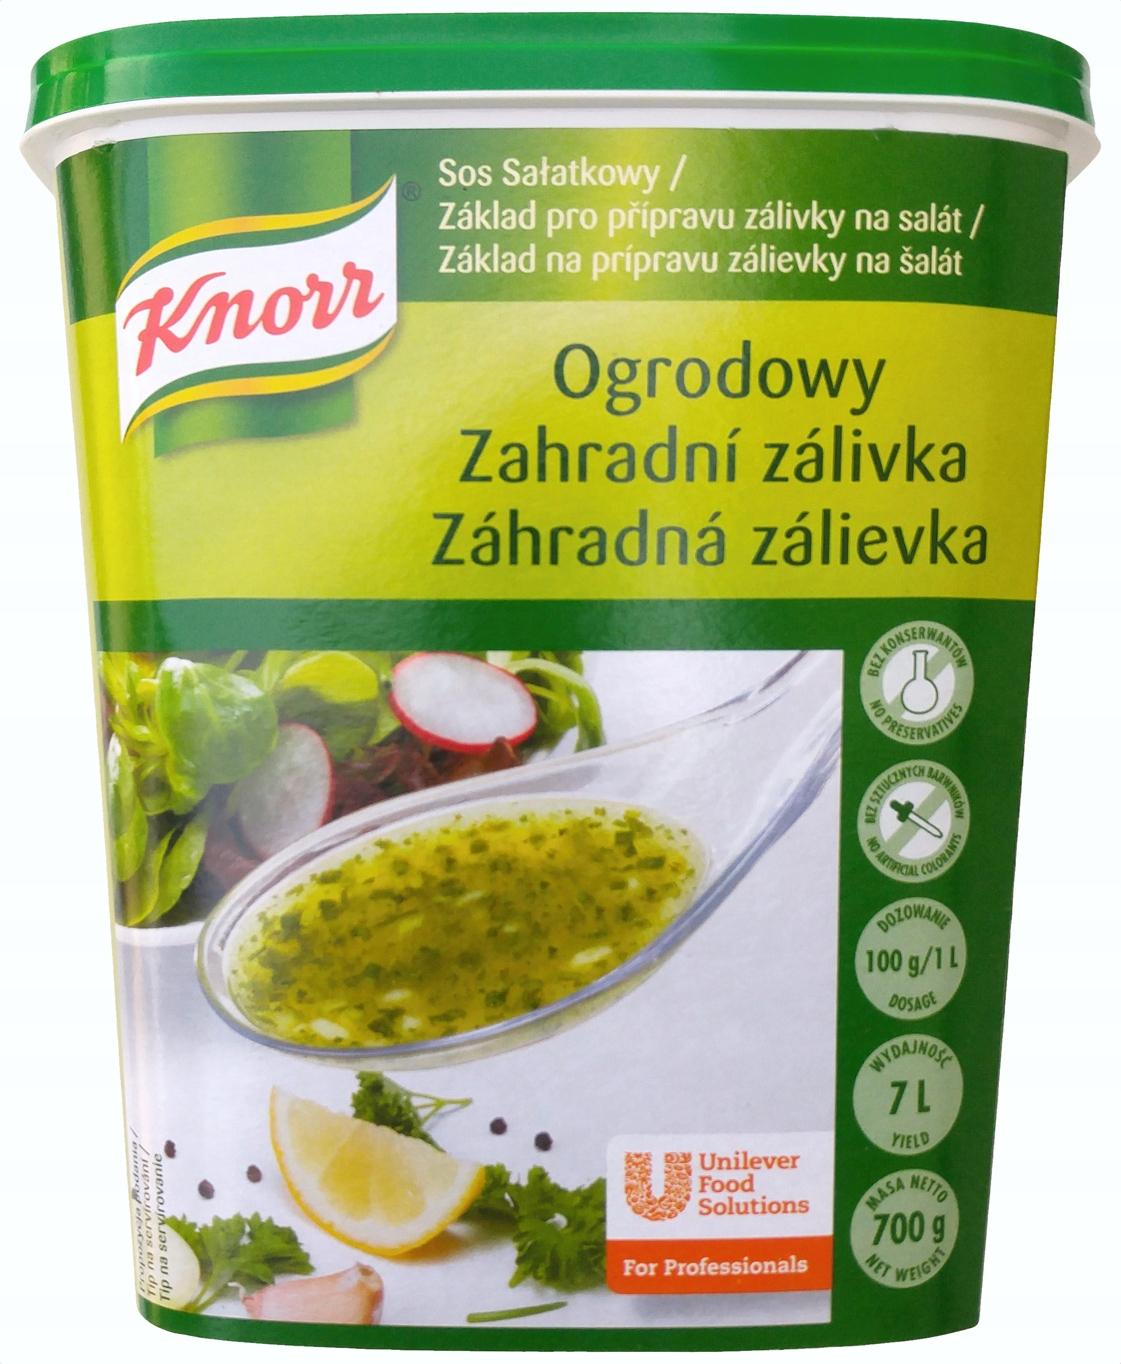 Item Knorr salad dressing Garden 700g